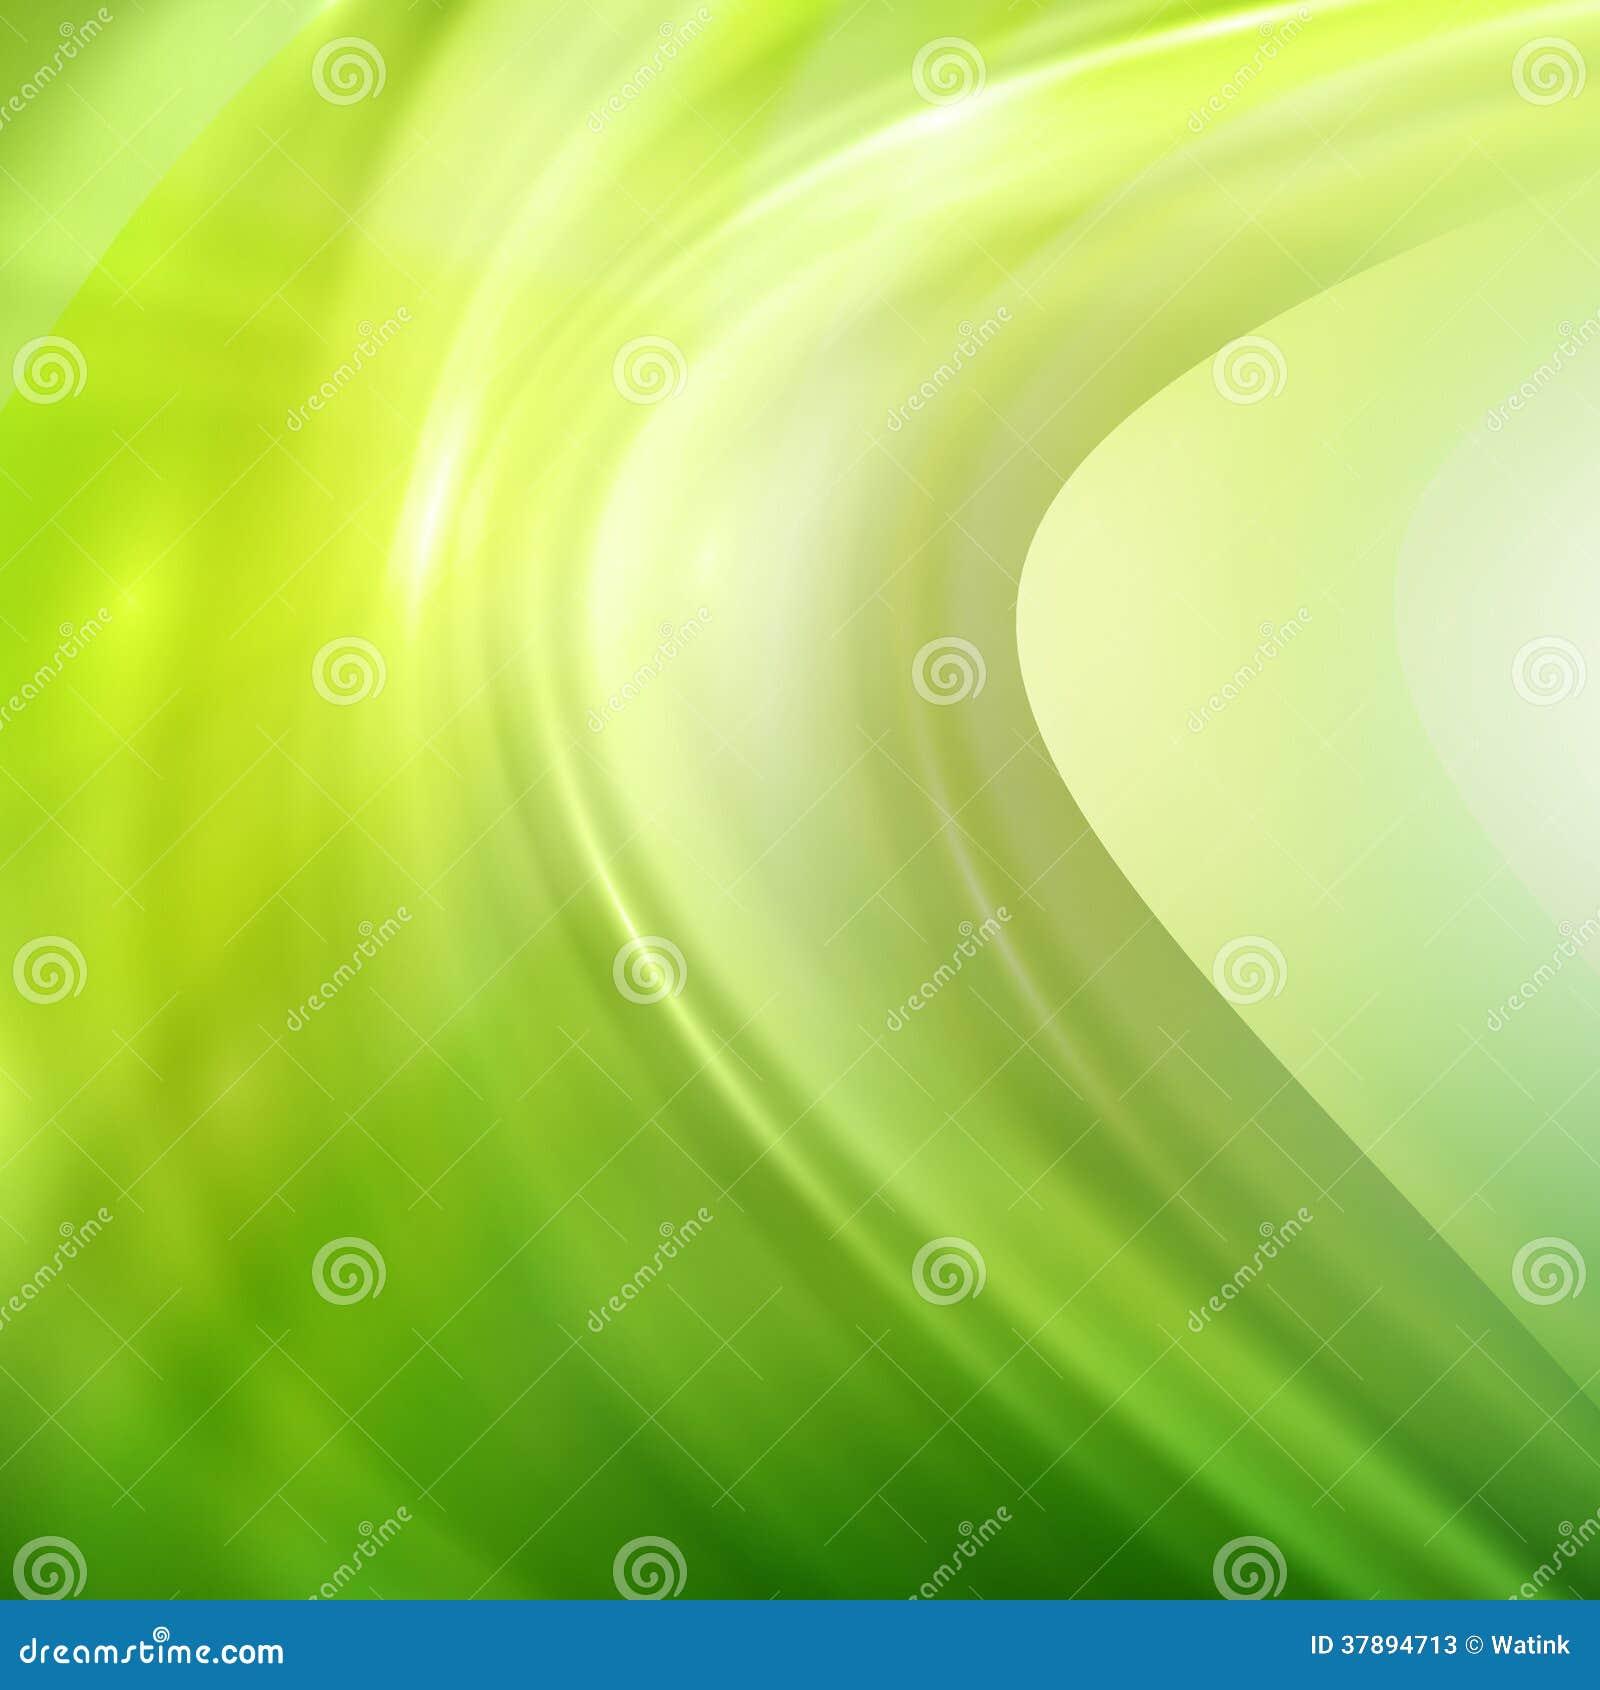 Abstracte gloeiende groene achtergrond